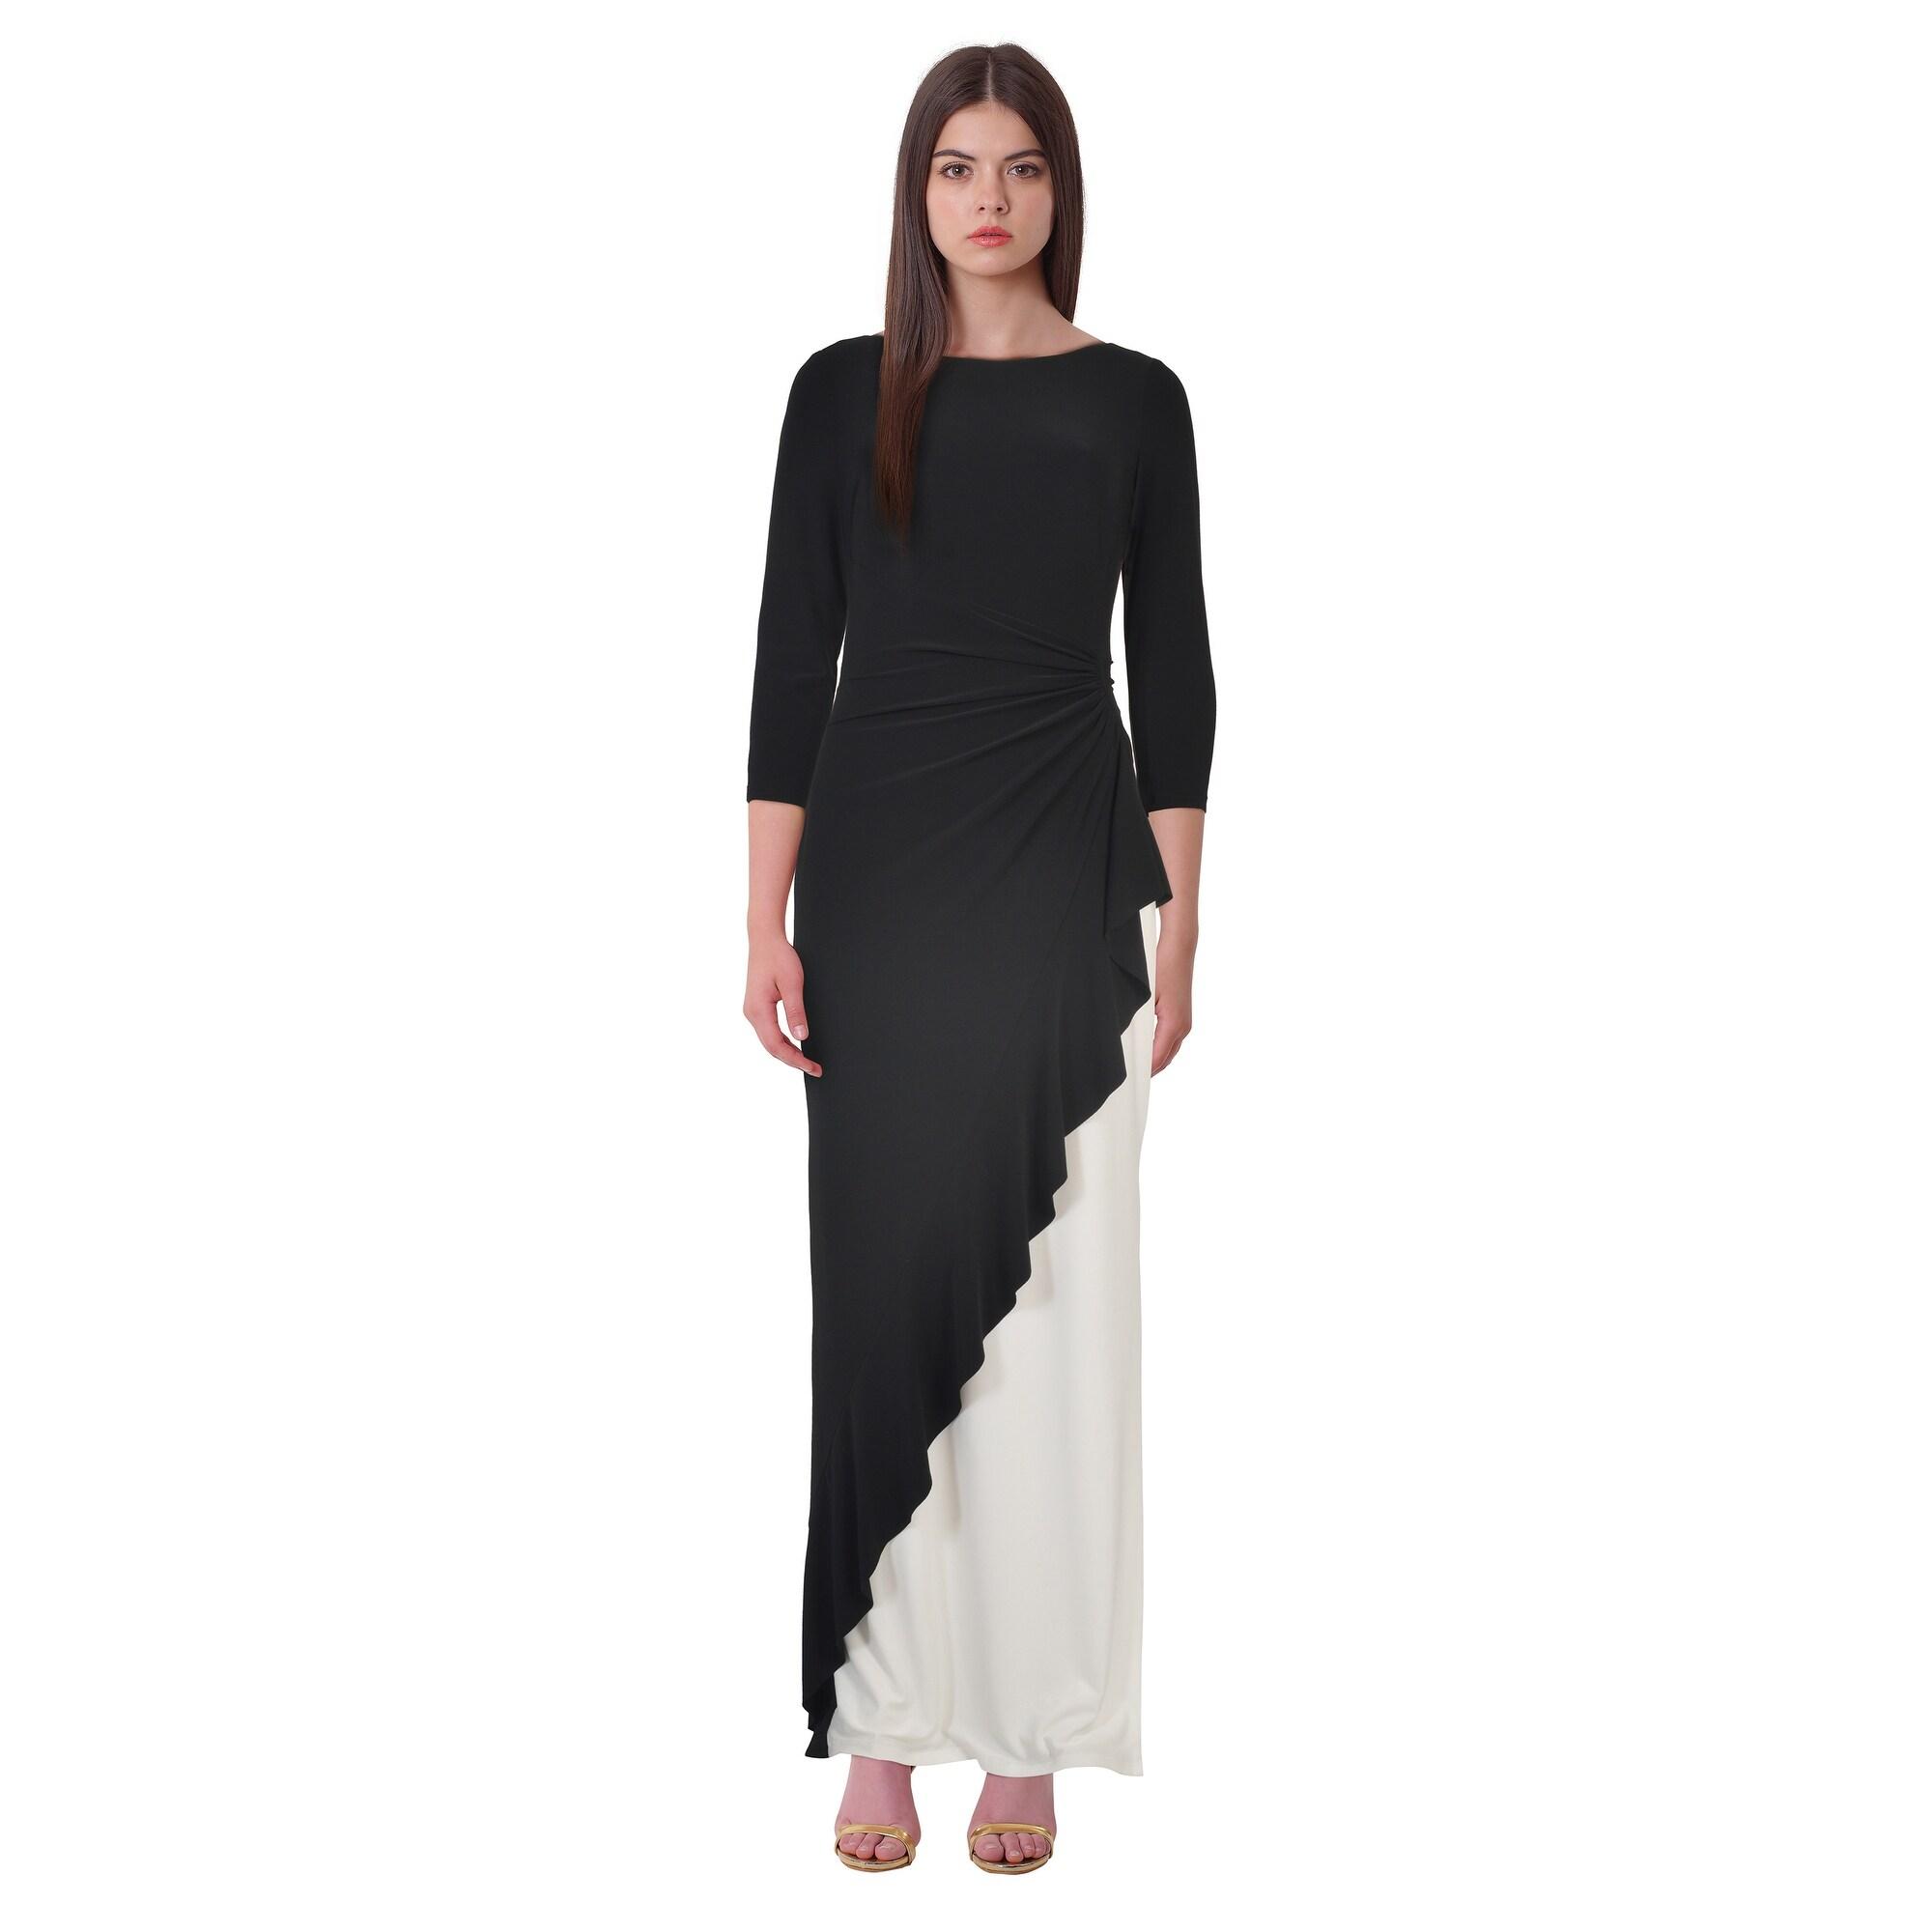 276c9eed4bdf4 Shop Lauren Ralph Lauren Two Tone 3 4 Sleeve Jersey Evening Gown ...